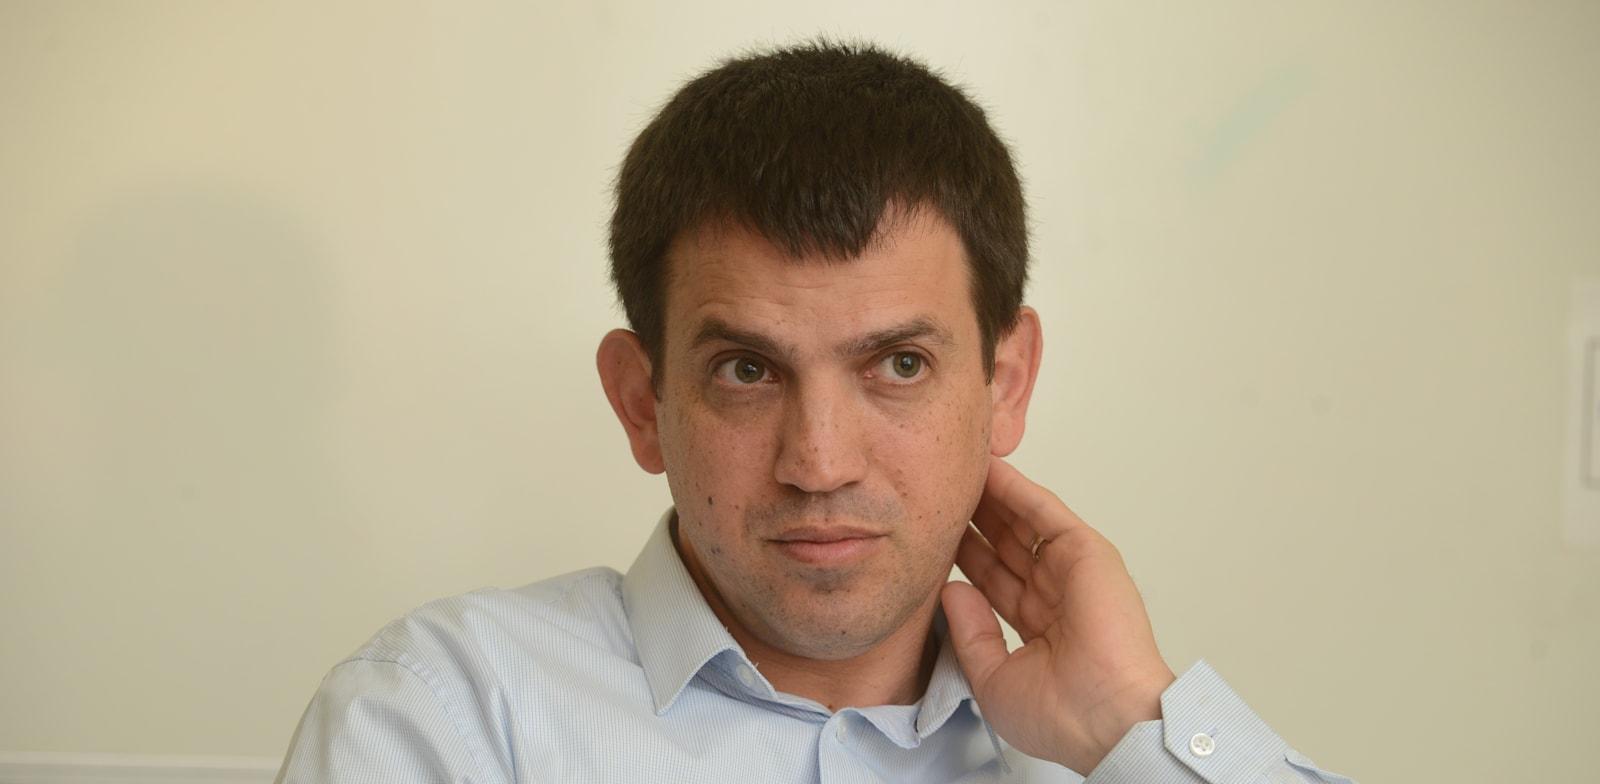 שאול מרידור, לשעבר הממונה על התקציבים במשרד האוצר / צילום: איל יצהר